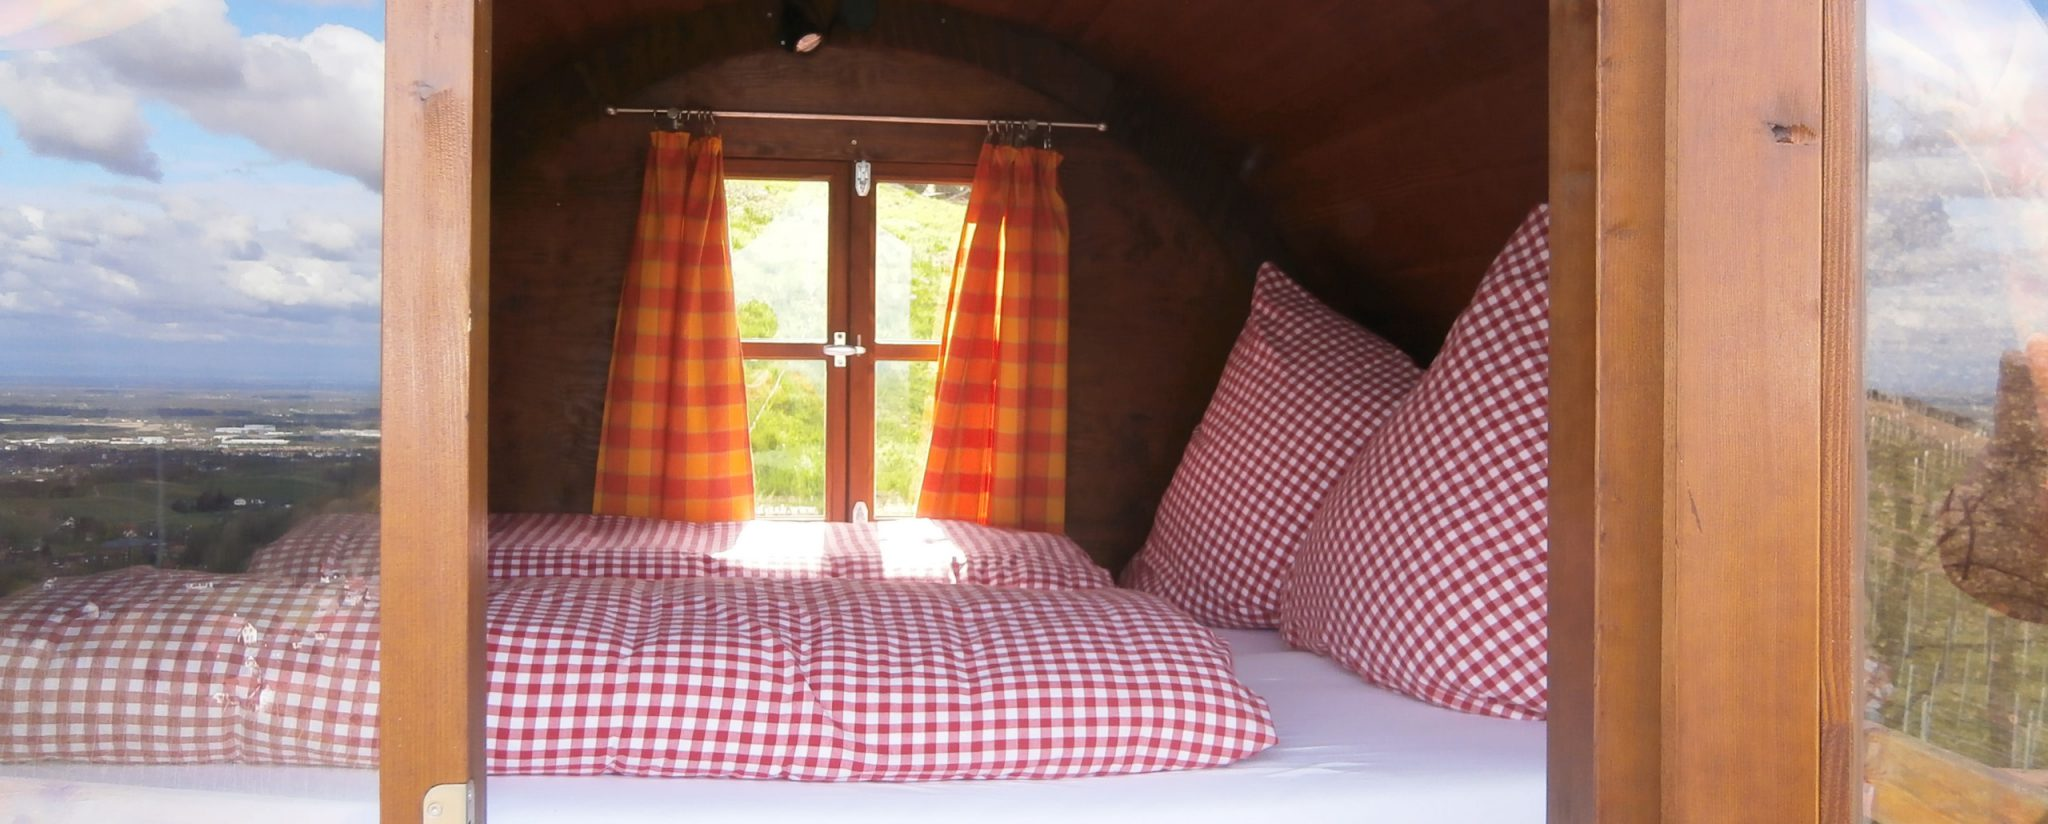 Schlafen im Weinfass Sasbachwalden, Schwarzwald, Erlebnis